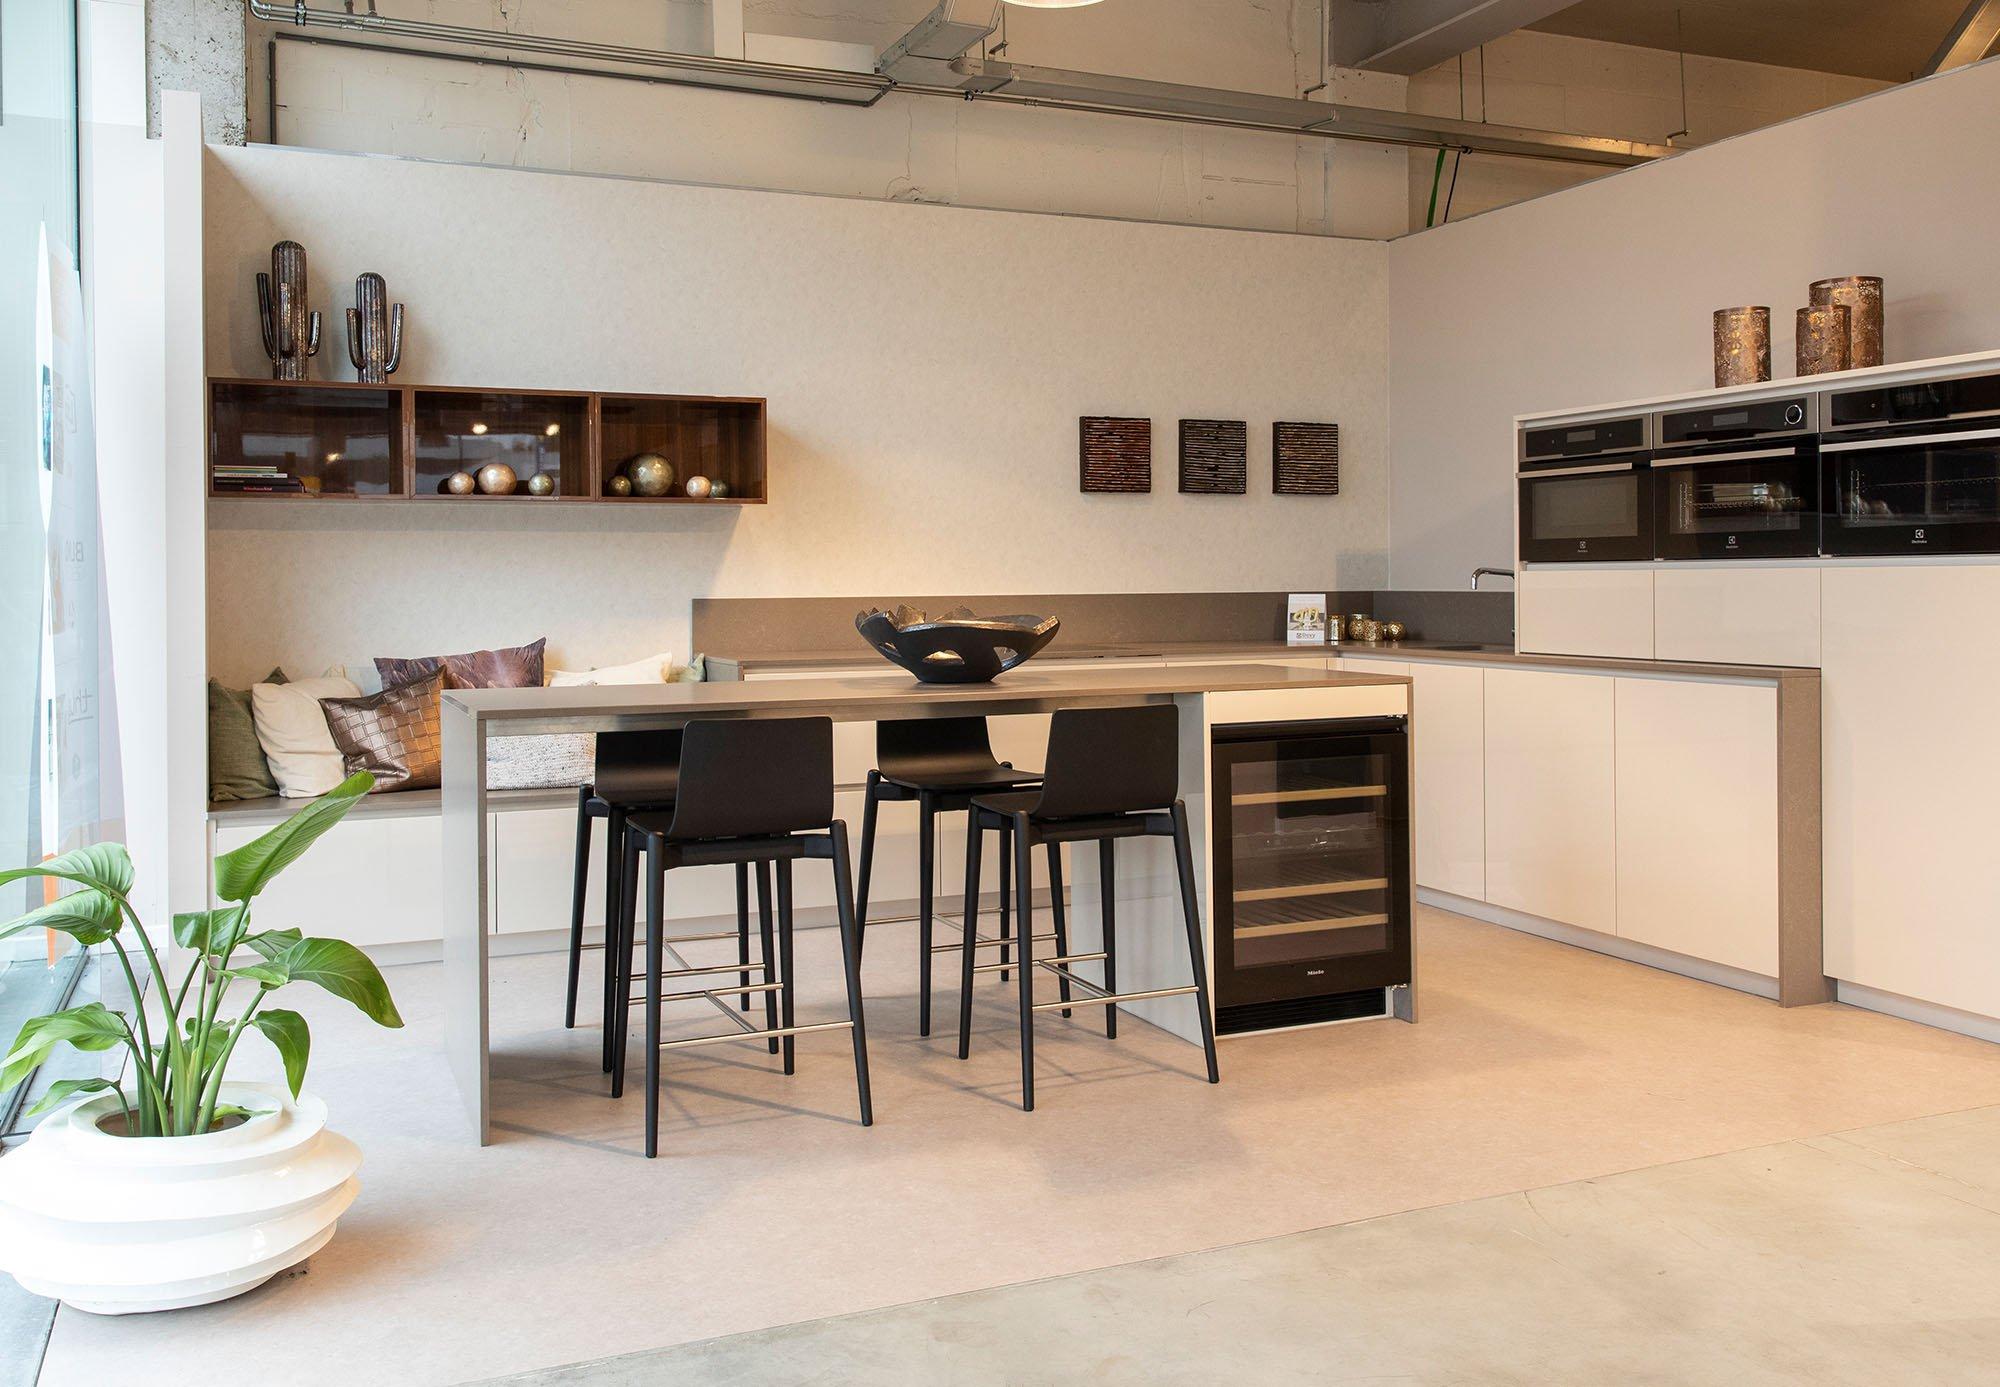 Design-keuken-gelakt-te-koop-dovy-keukens_0010_Pop-up Schoten_BOX 9_02.jpg